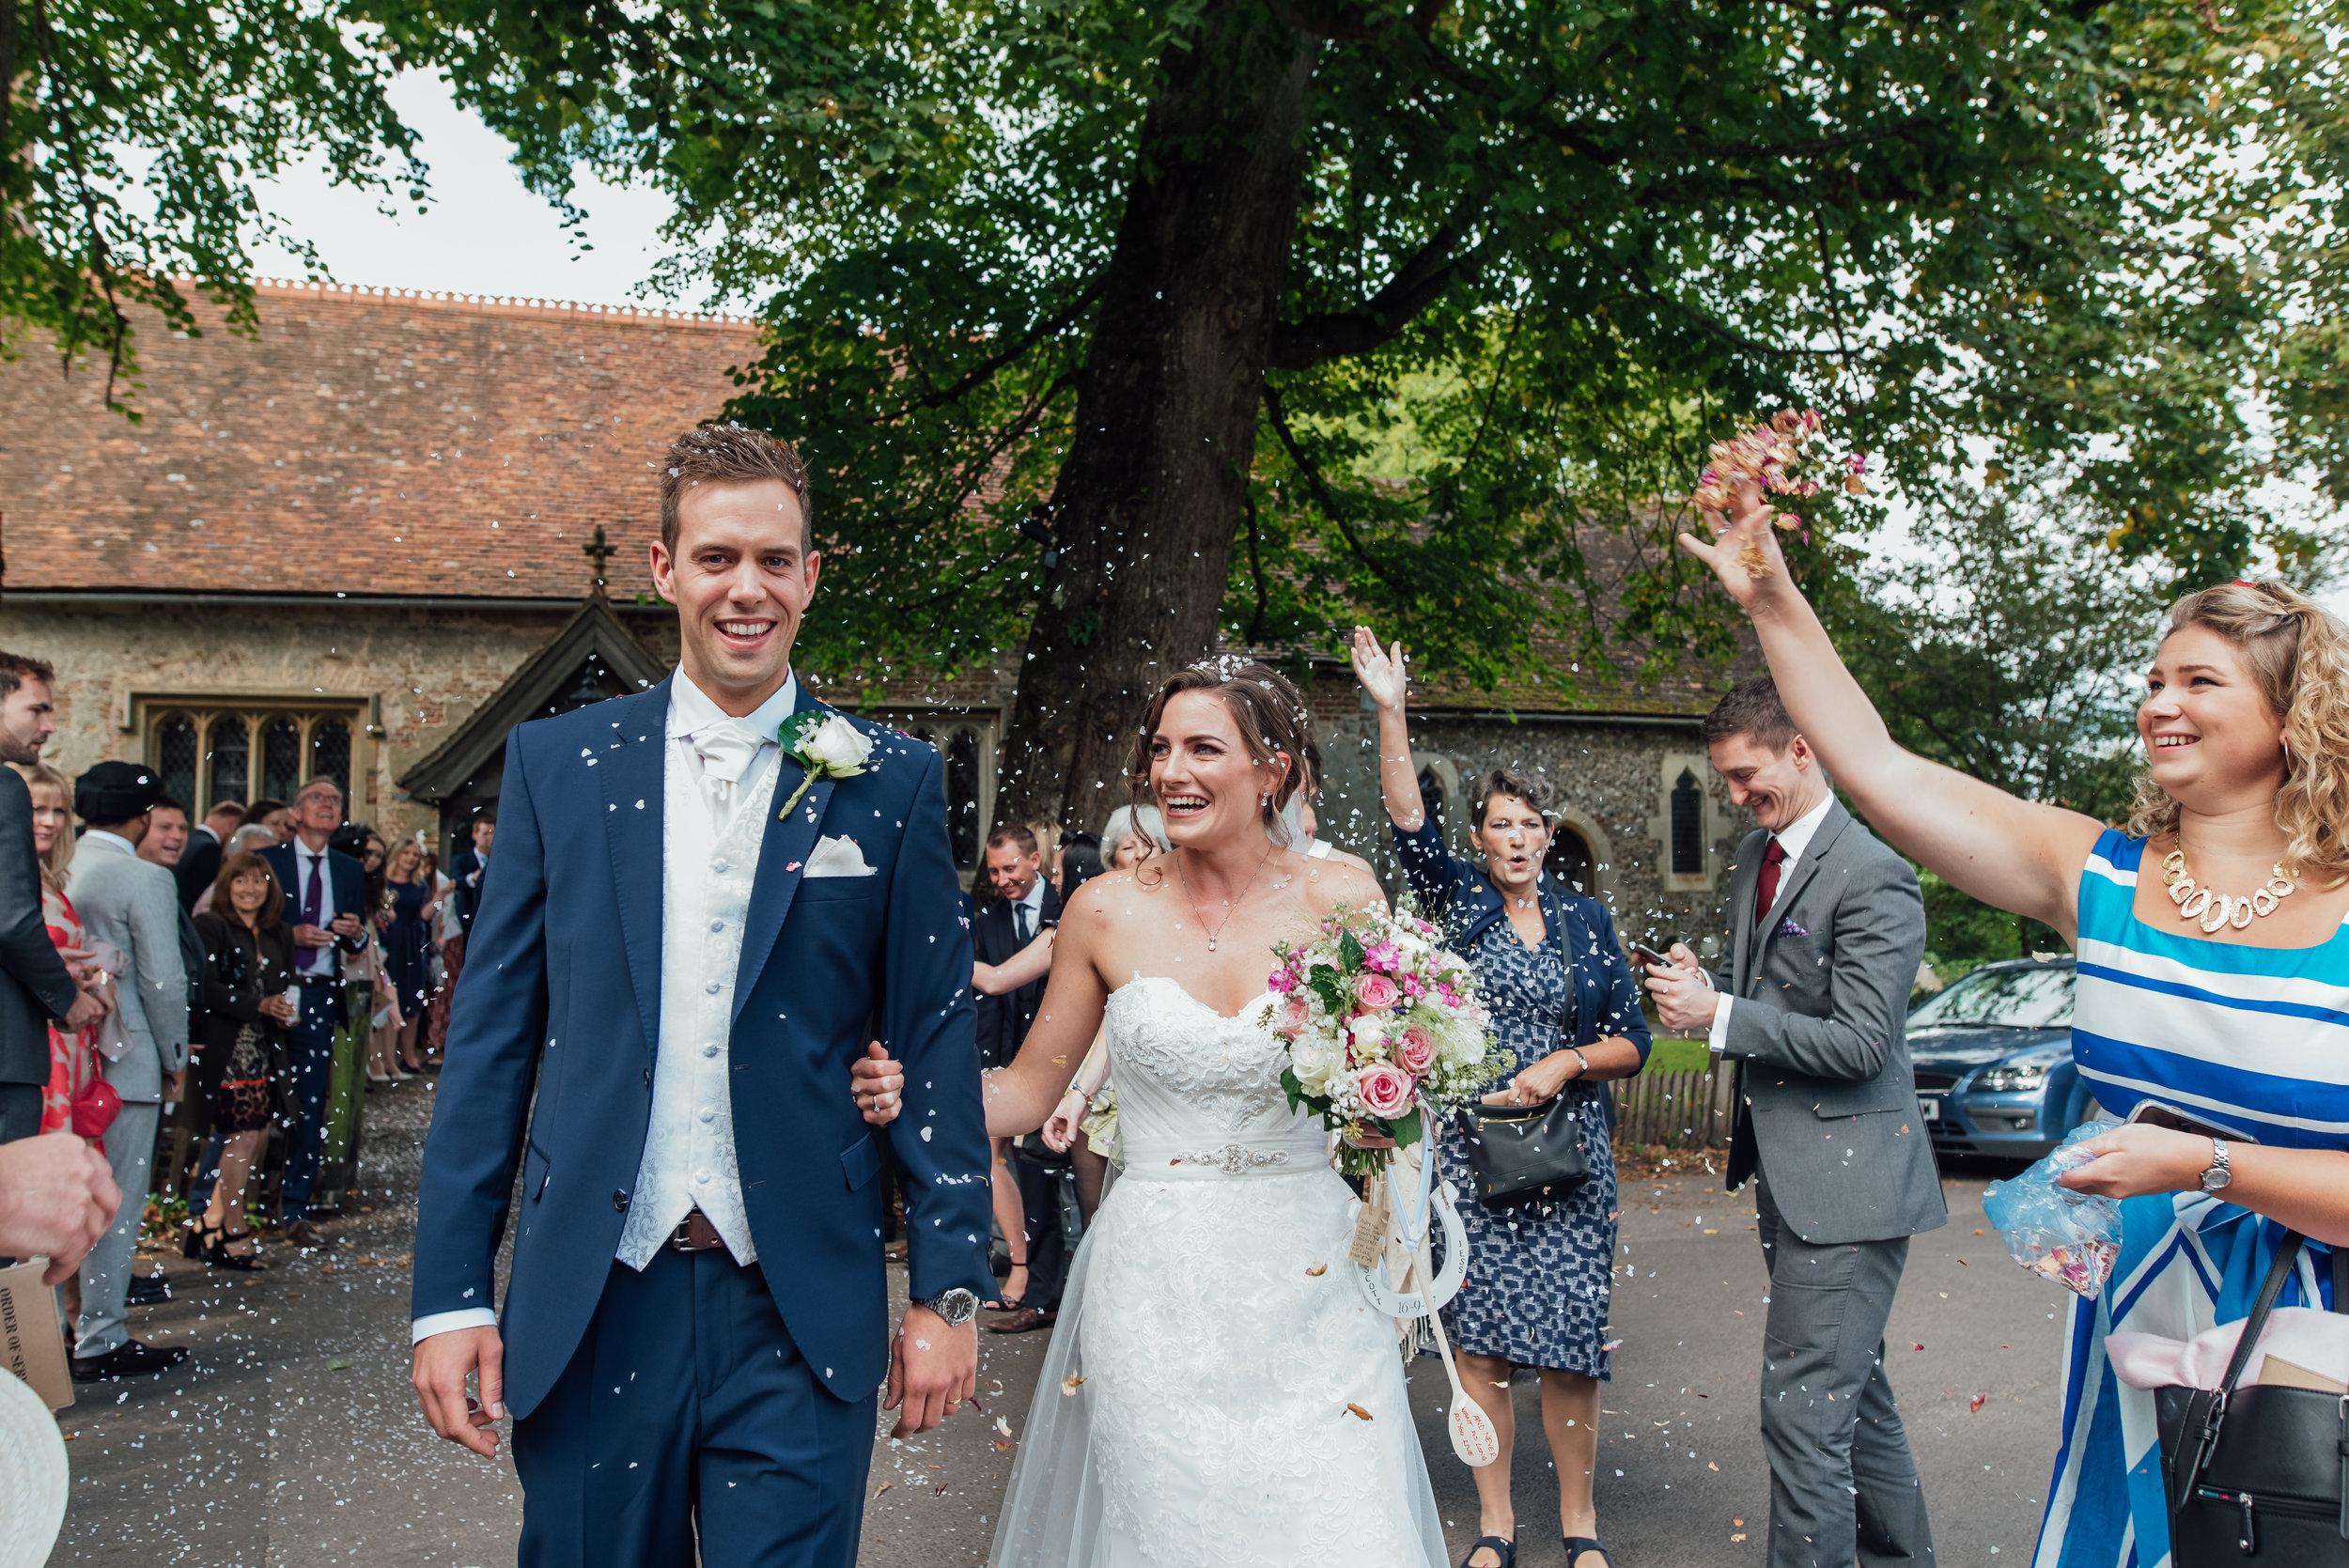 Hampshire-wedding-photographer : hampshire-village-hall-wedding : rotherwick-village-hall-wedding : wedding-photographer-hampshire : amy-james-photography : natural-wedding-photographer-hampshire : wedding-photographer-hampshire-432.jpg